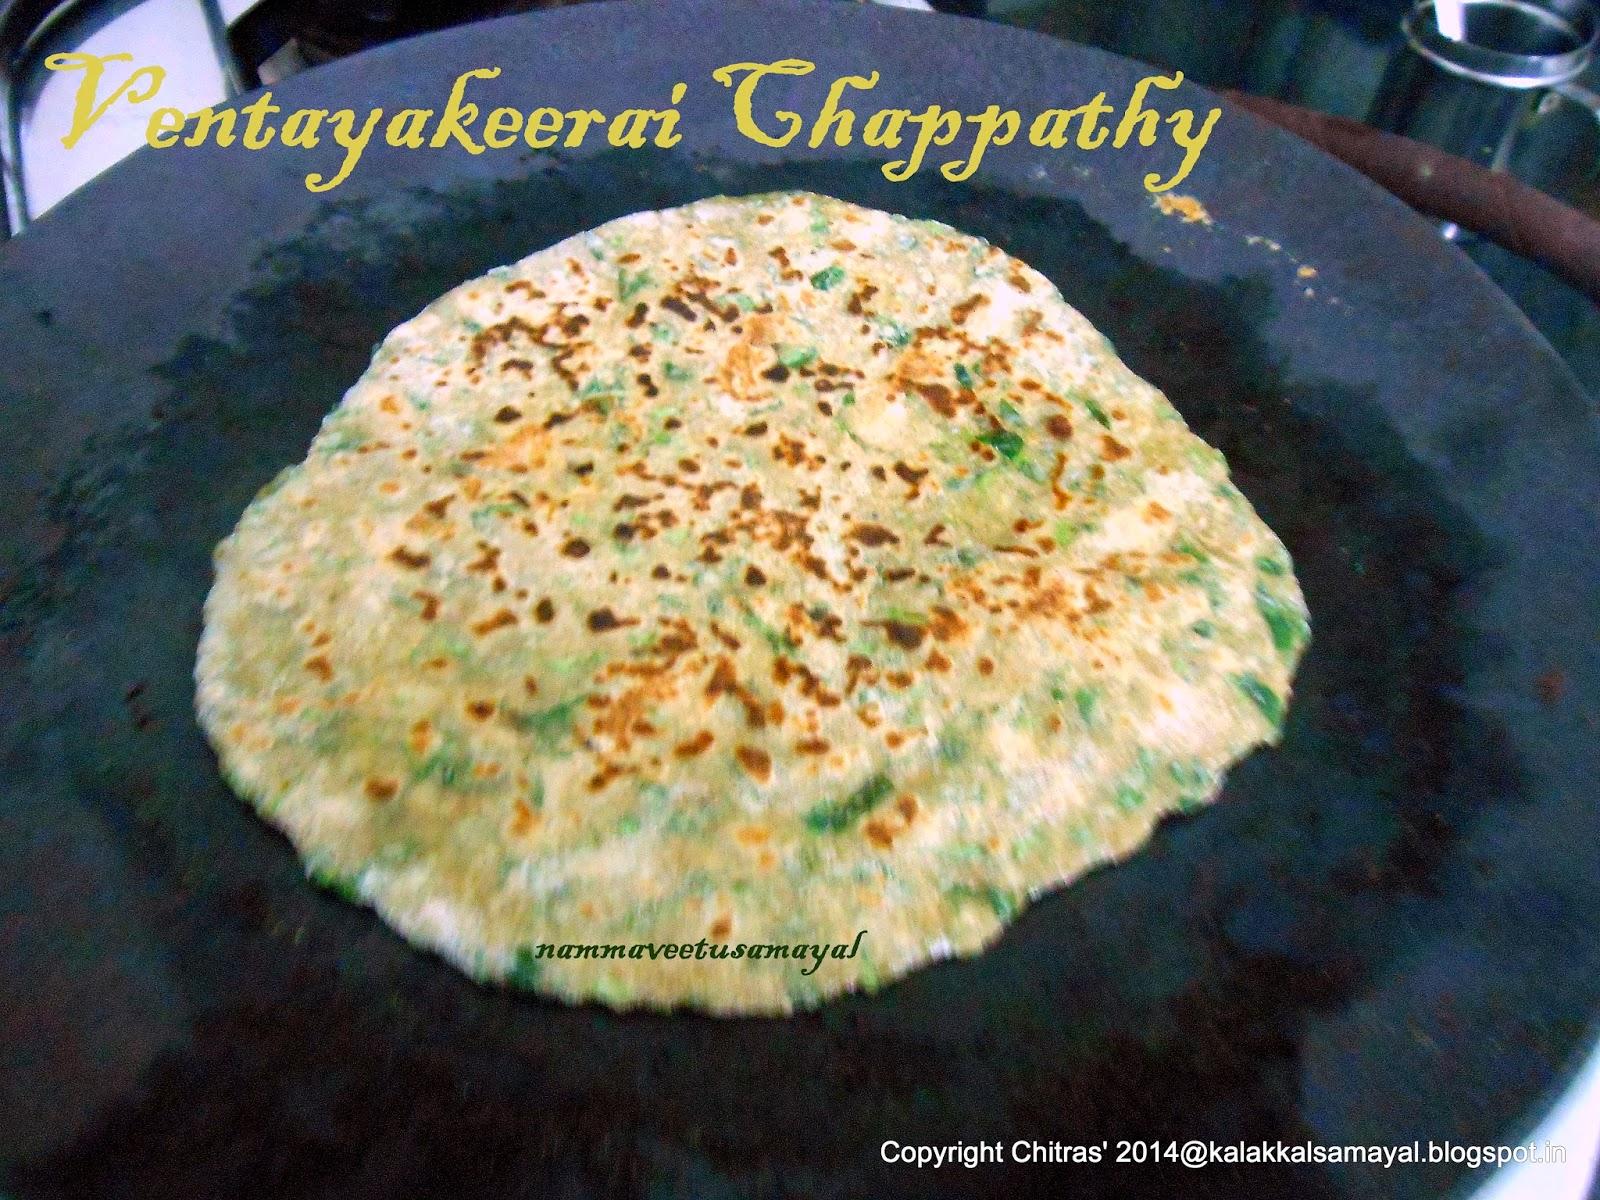 Venthaya keerai [ Fenugreek leaf ] Chappathy